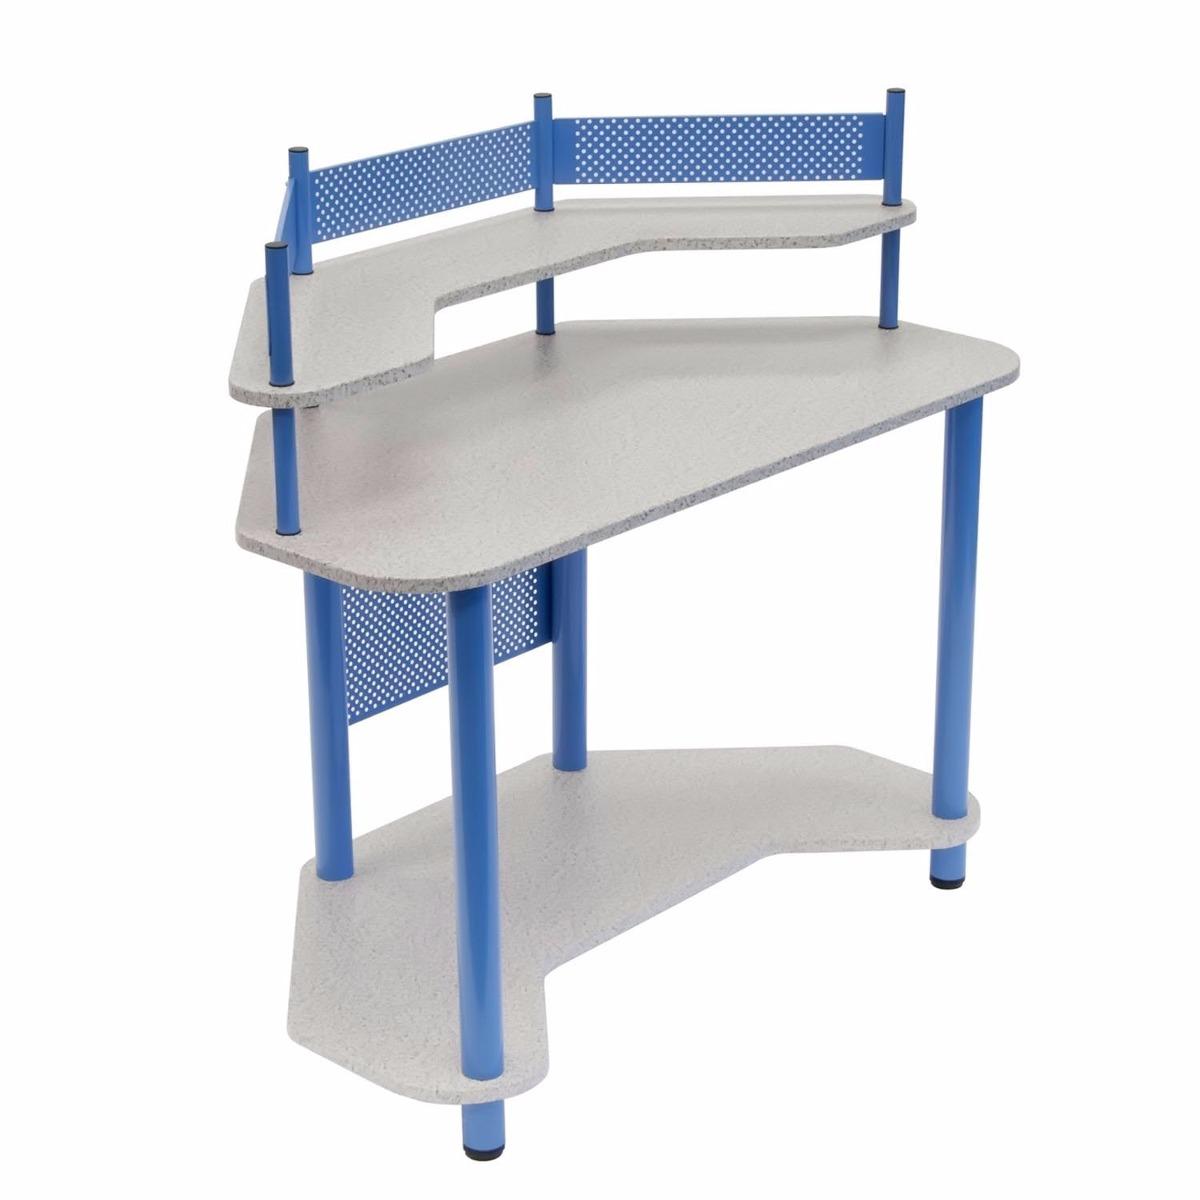 Escritorio mesa de trabajo esquinero madera y acero azul - Escritorio mesa de trabajo ...